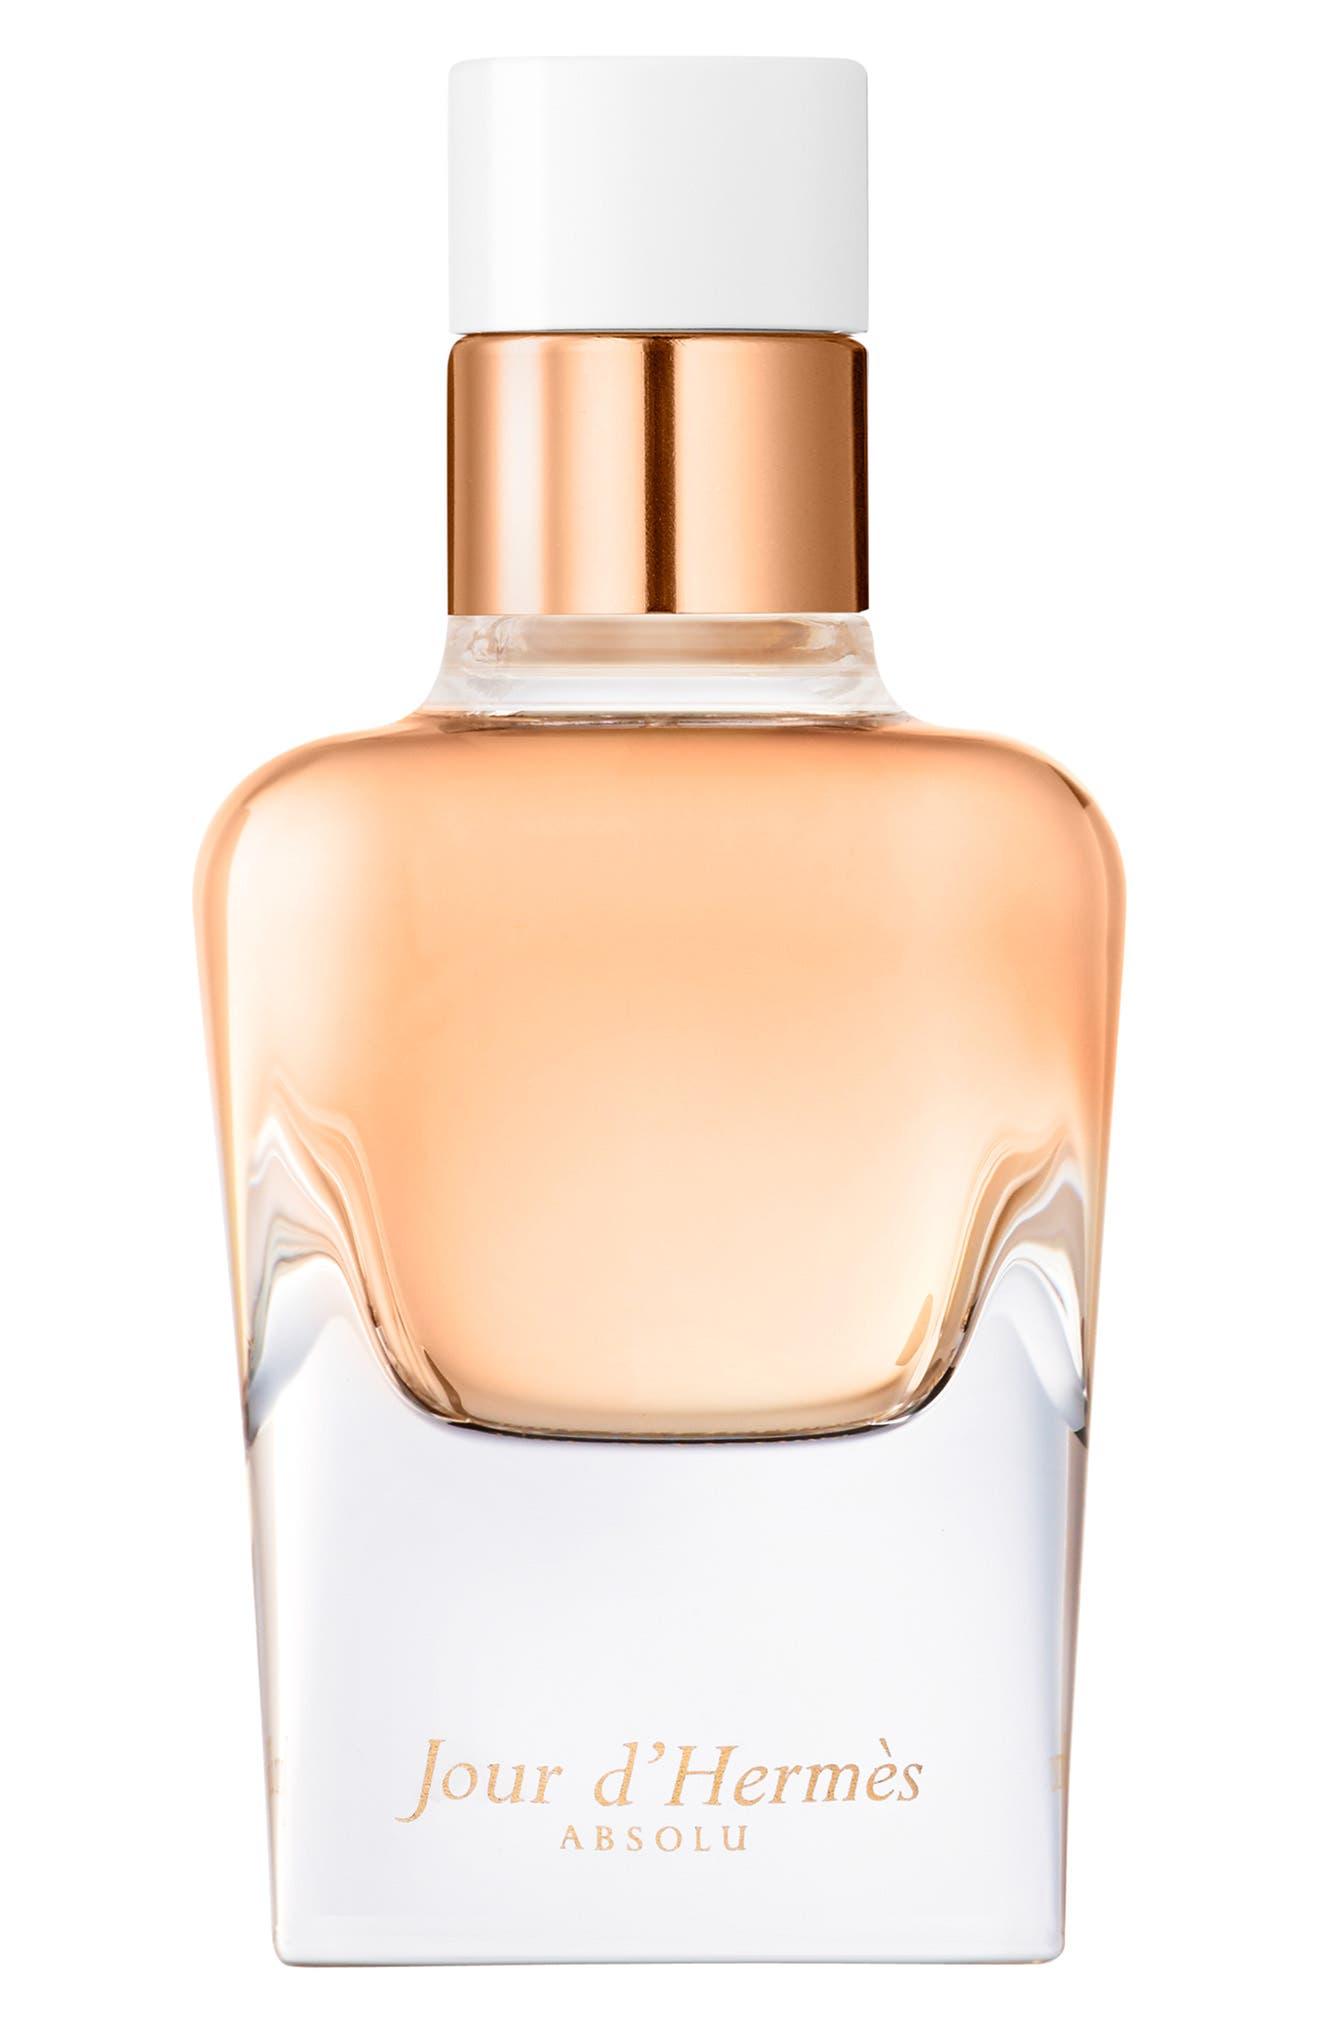 Jour d'Hermès Absolu - Eau de parfum,                             Alternate thumbnail 4, color,                             NO COLOR